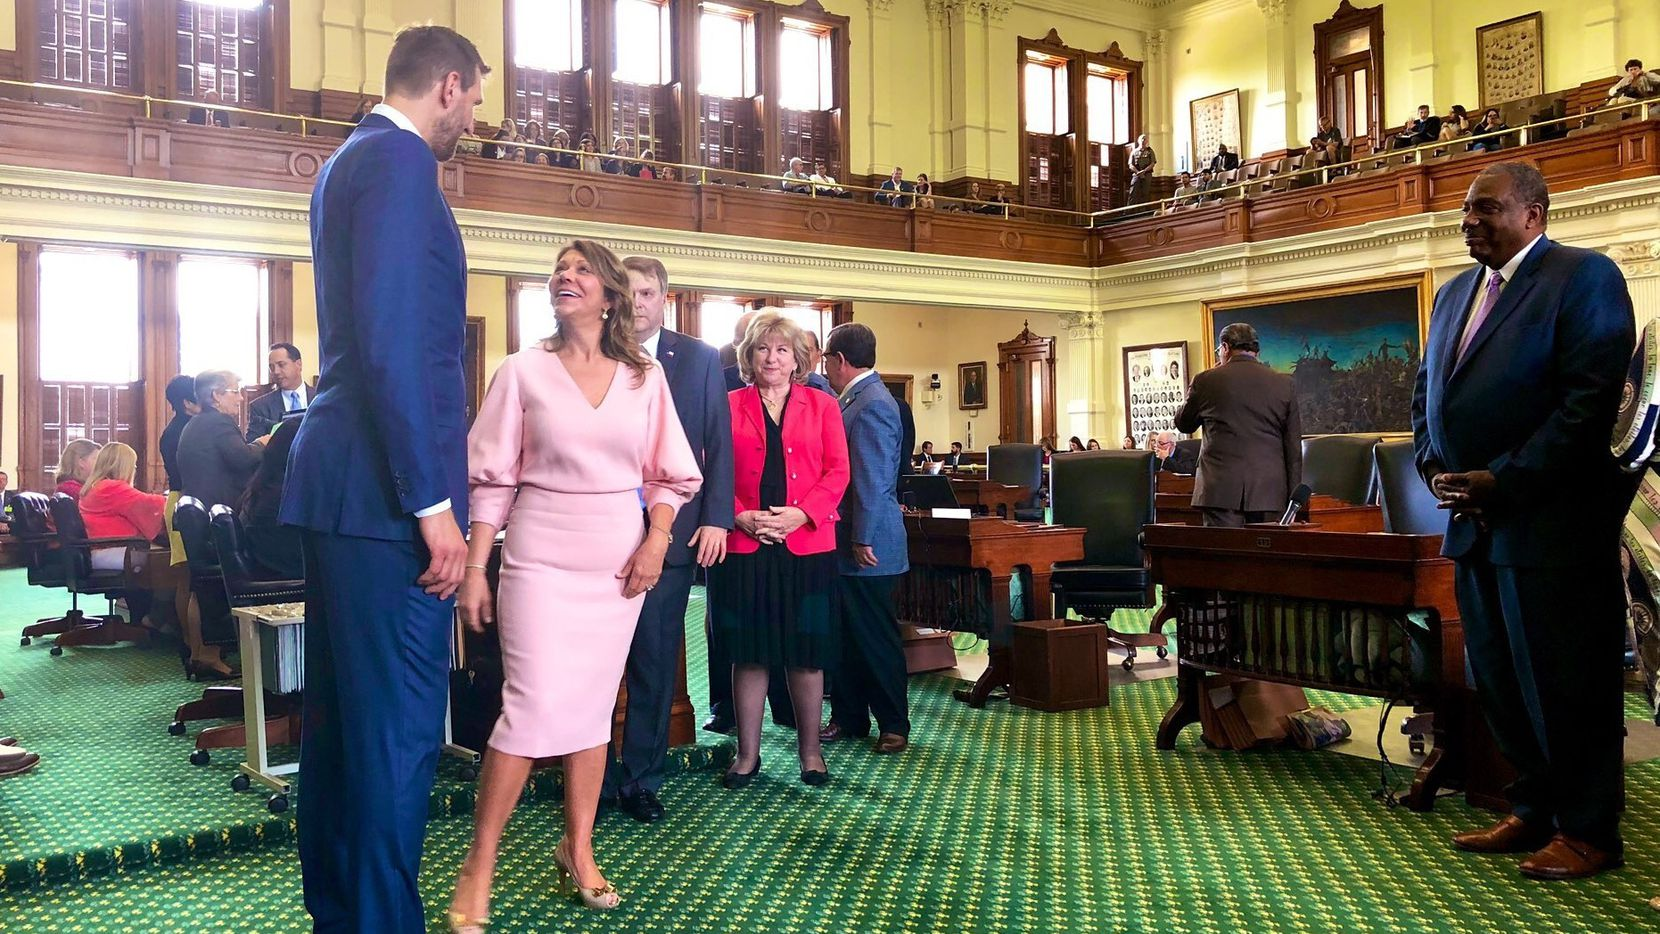 Dirk Nowitzki, jugador retirado de los Dallas Mavericks platica con la Joan Huffman, senadora de Houston en la legoslatura estatal, el martes 14 de mayo. (Por Rebekah Allen/DMN)